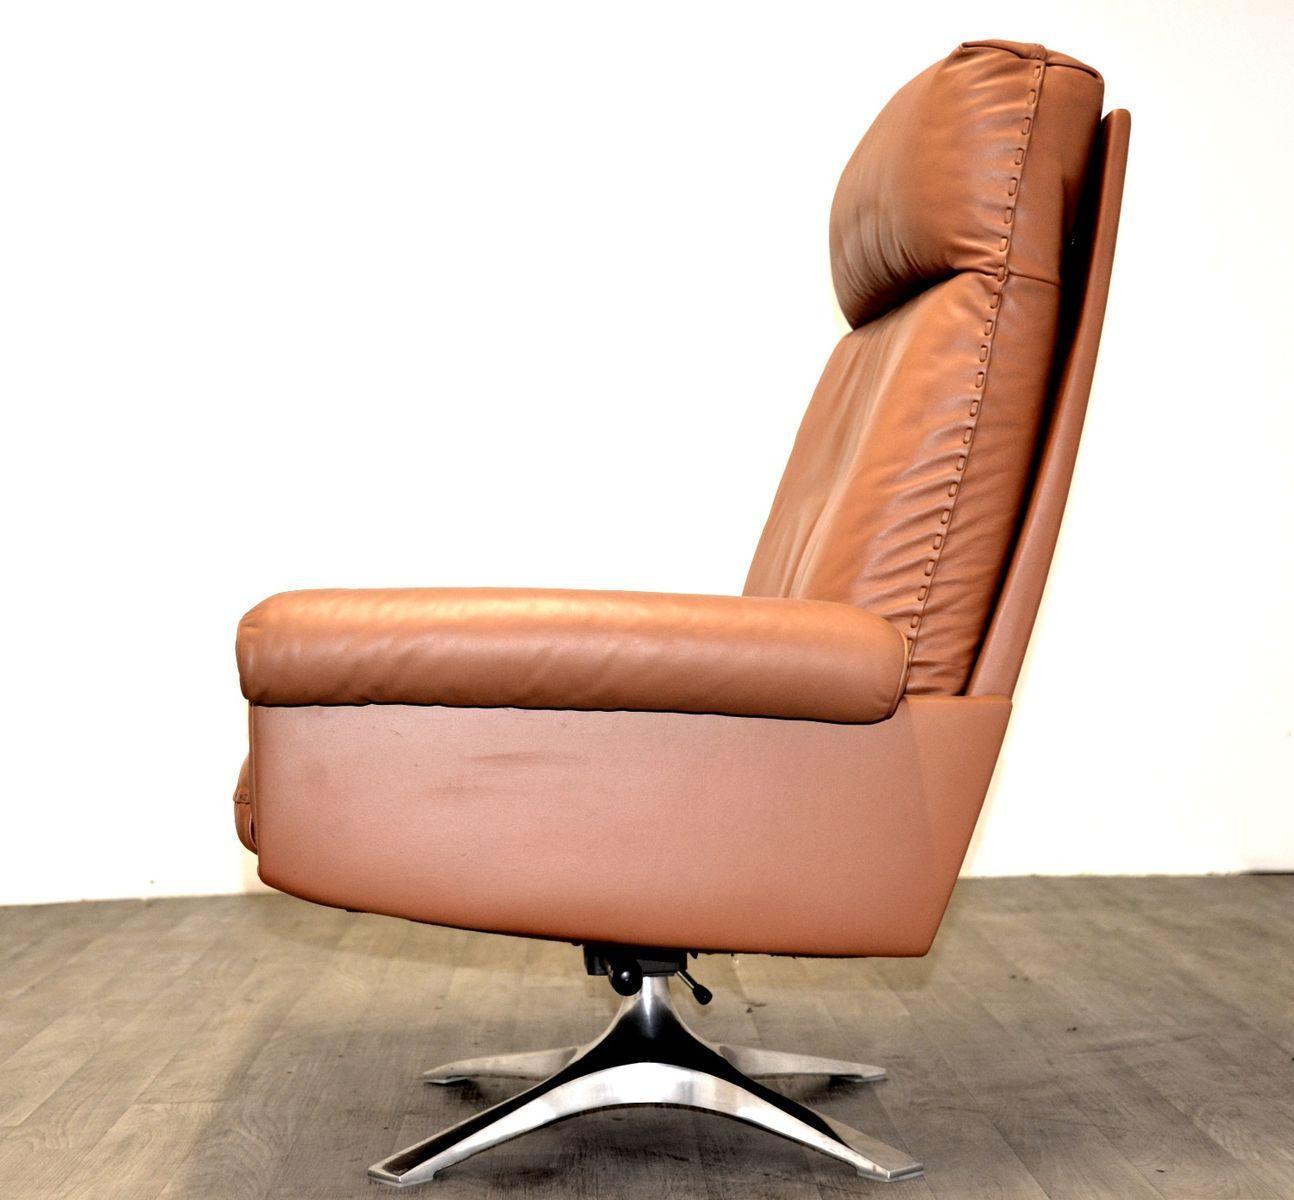 ds 31 hellbrauner vintage leder lounge sessel von de sede. Black Bedroom Furniture Sets. Home Design Ideas